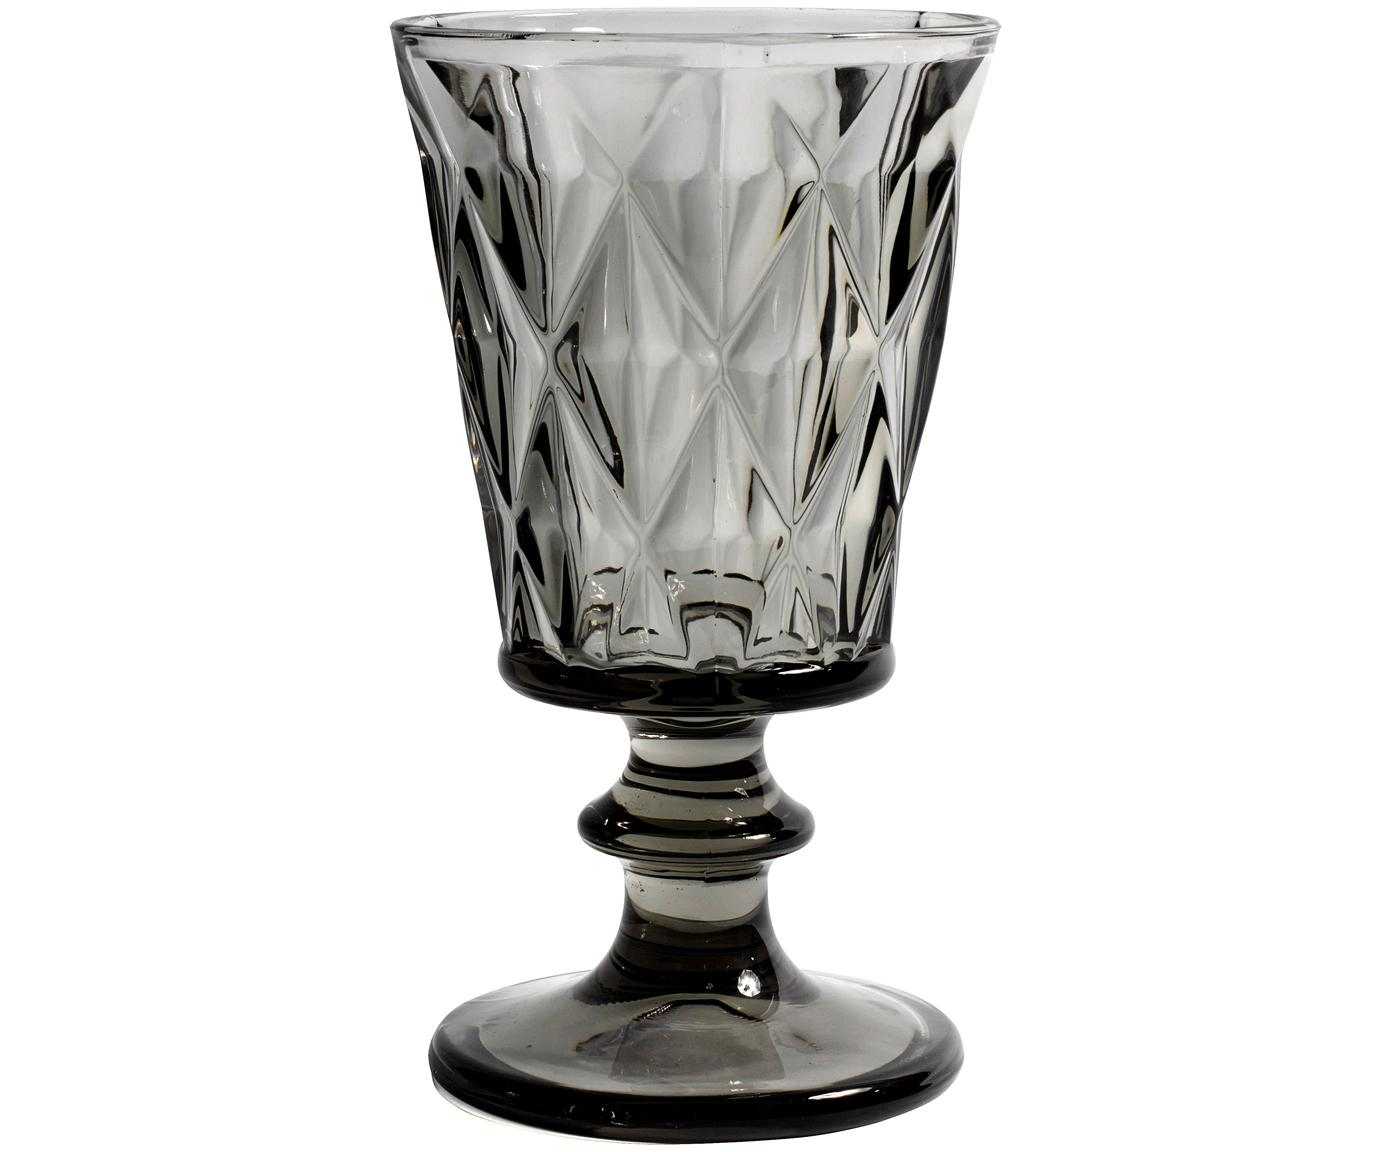 Copas de vino Diamond, 6uds., Vidrio, Gris oscuro, ligeramente transparente, Ø 9 x Al 16 cm